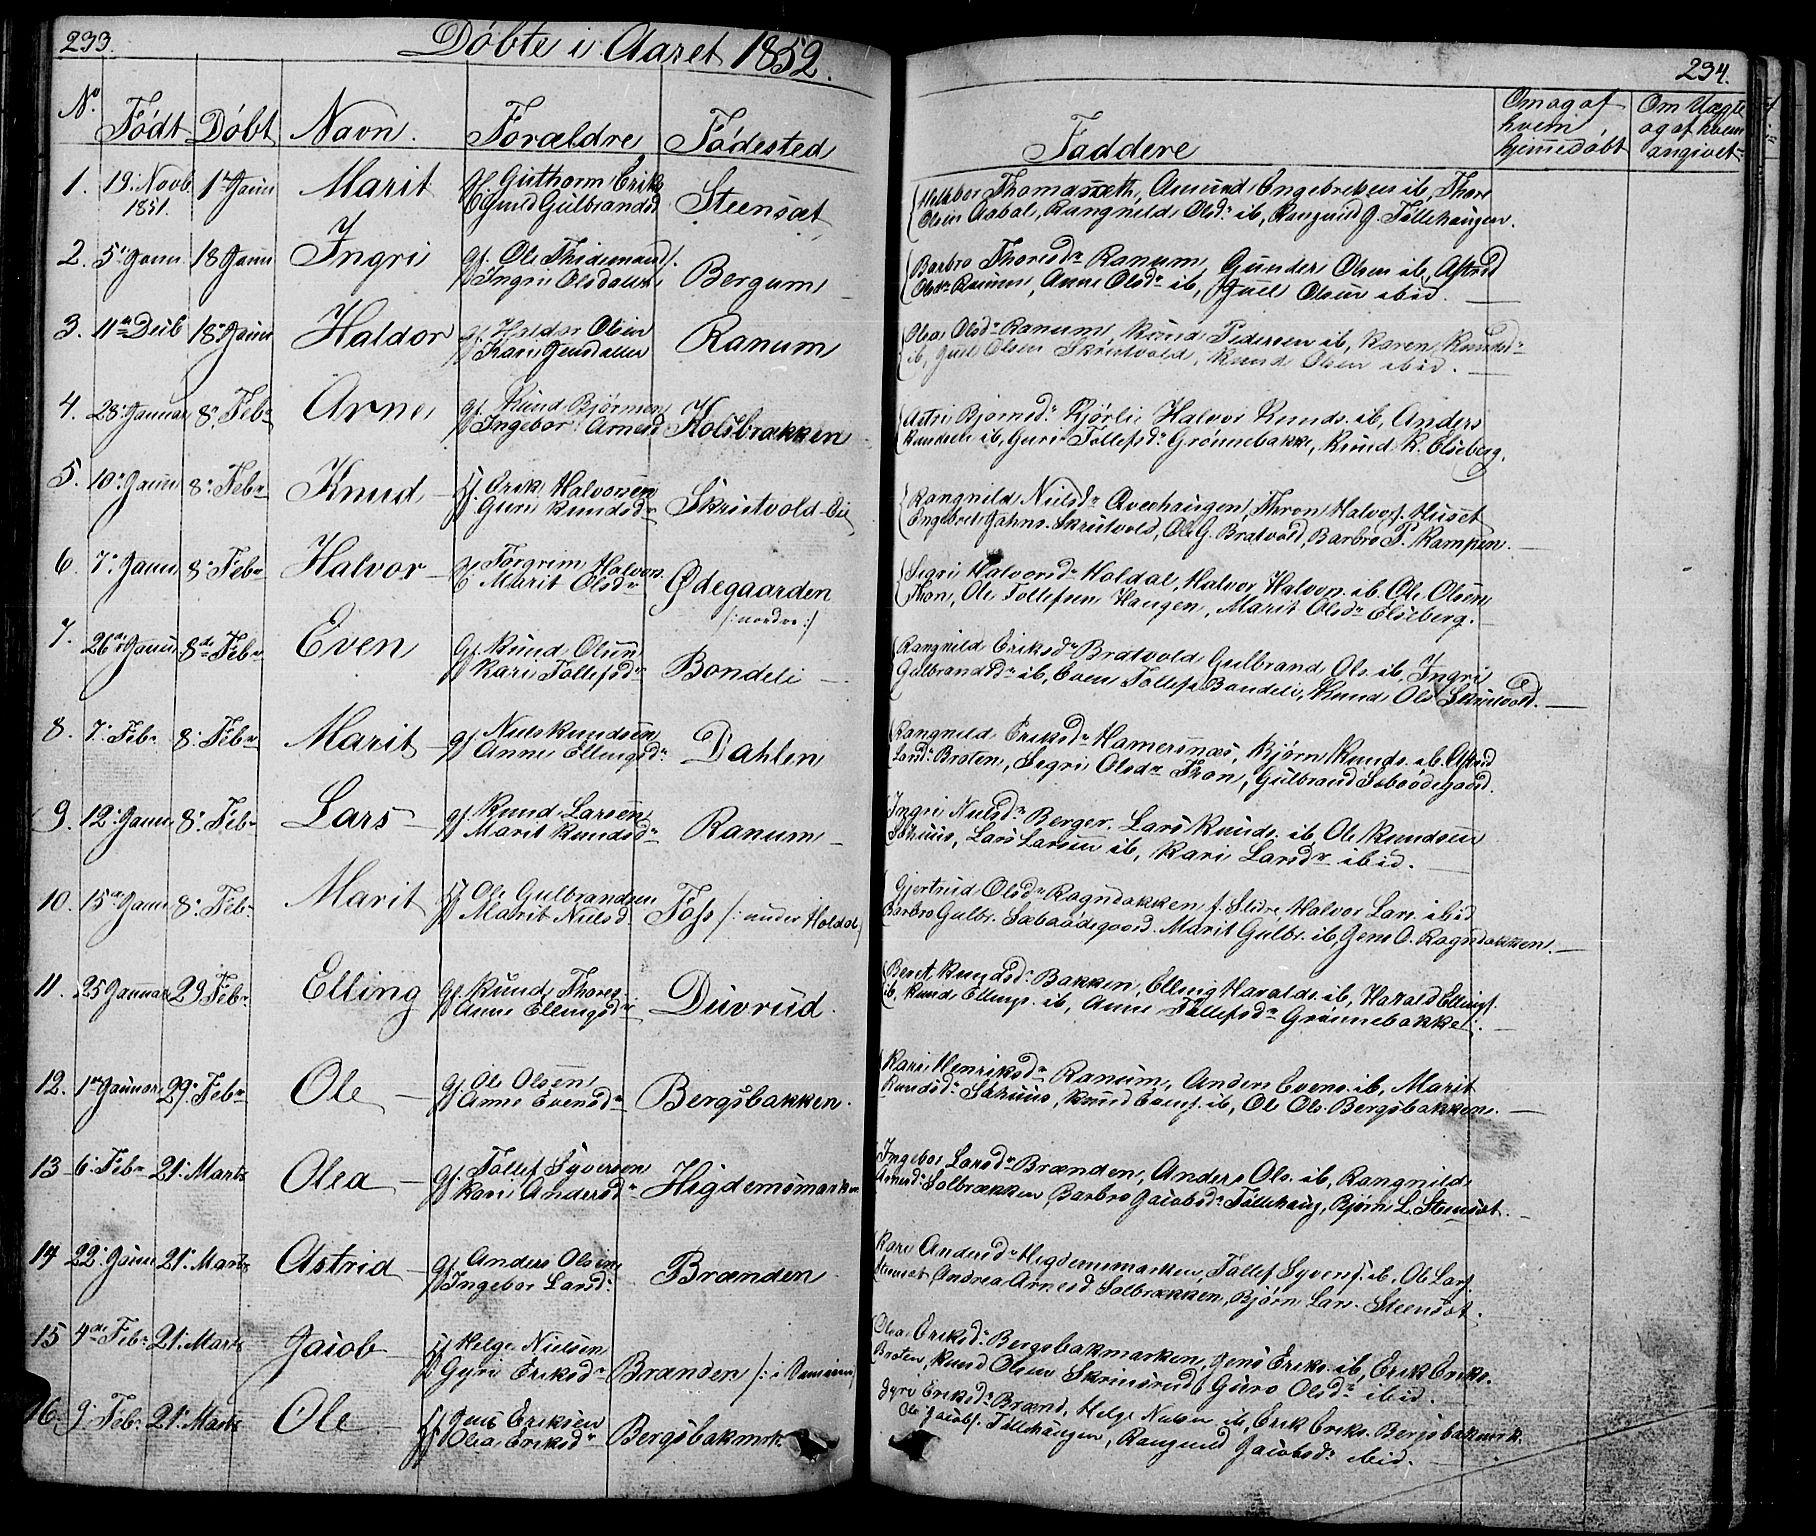 SAH, Nord-Aurdal prestekontor, Klokkerbok nr. 1, 1834-1887, s. 233-234